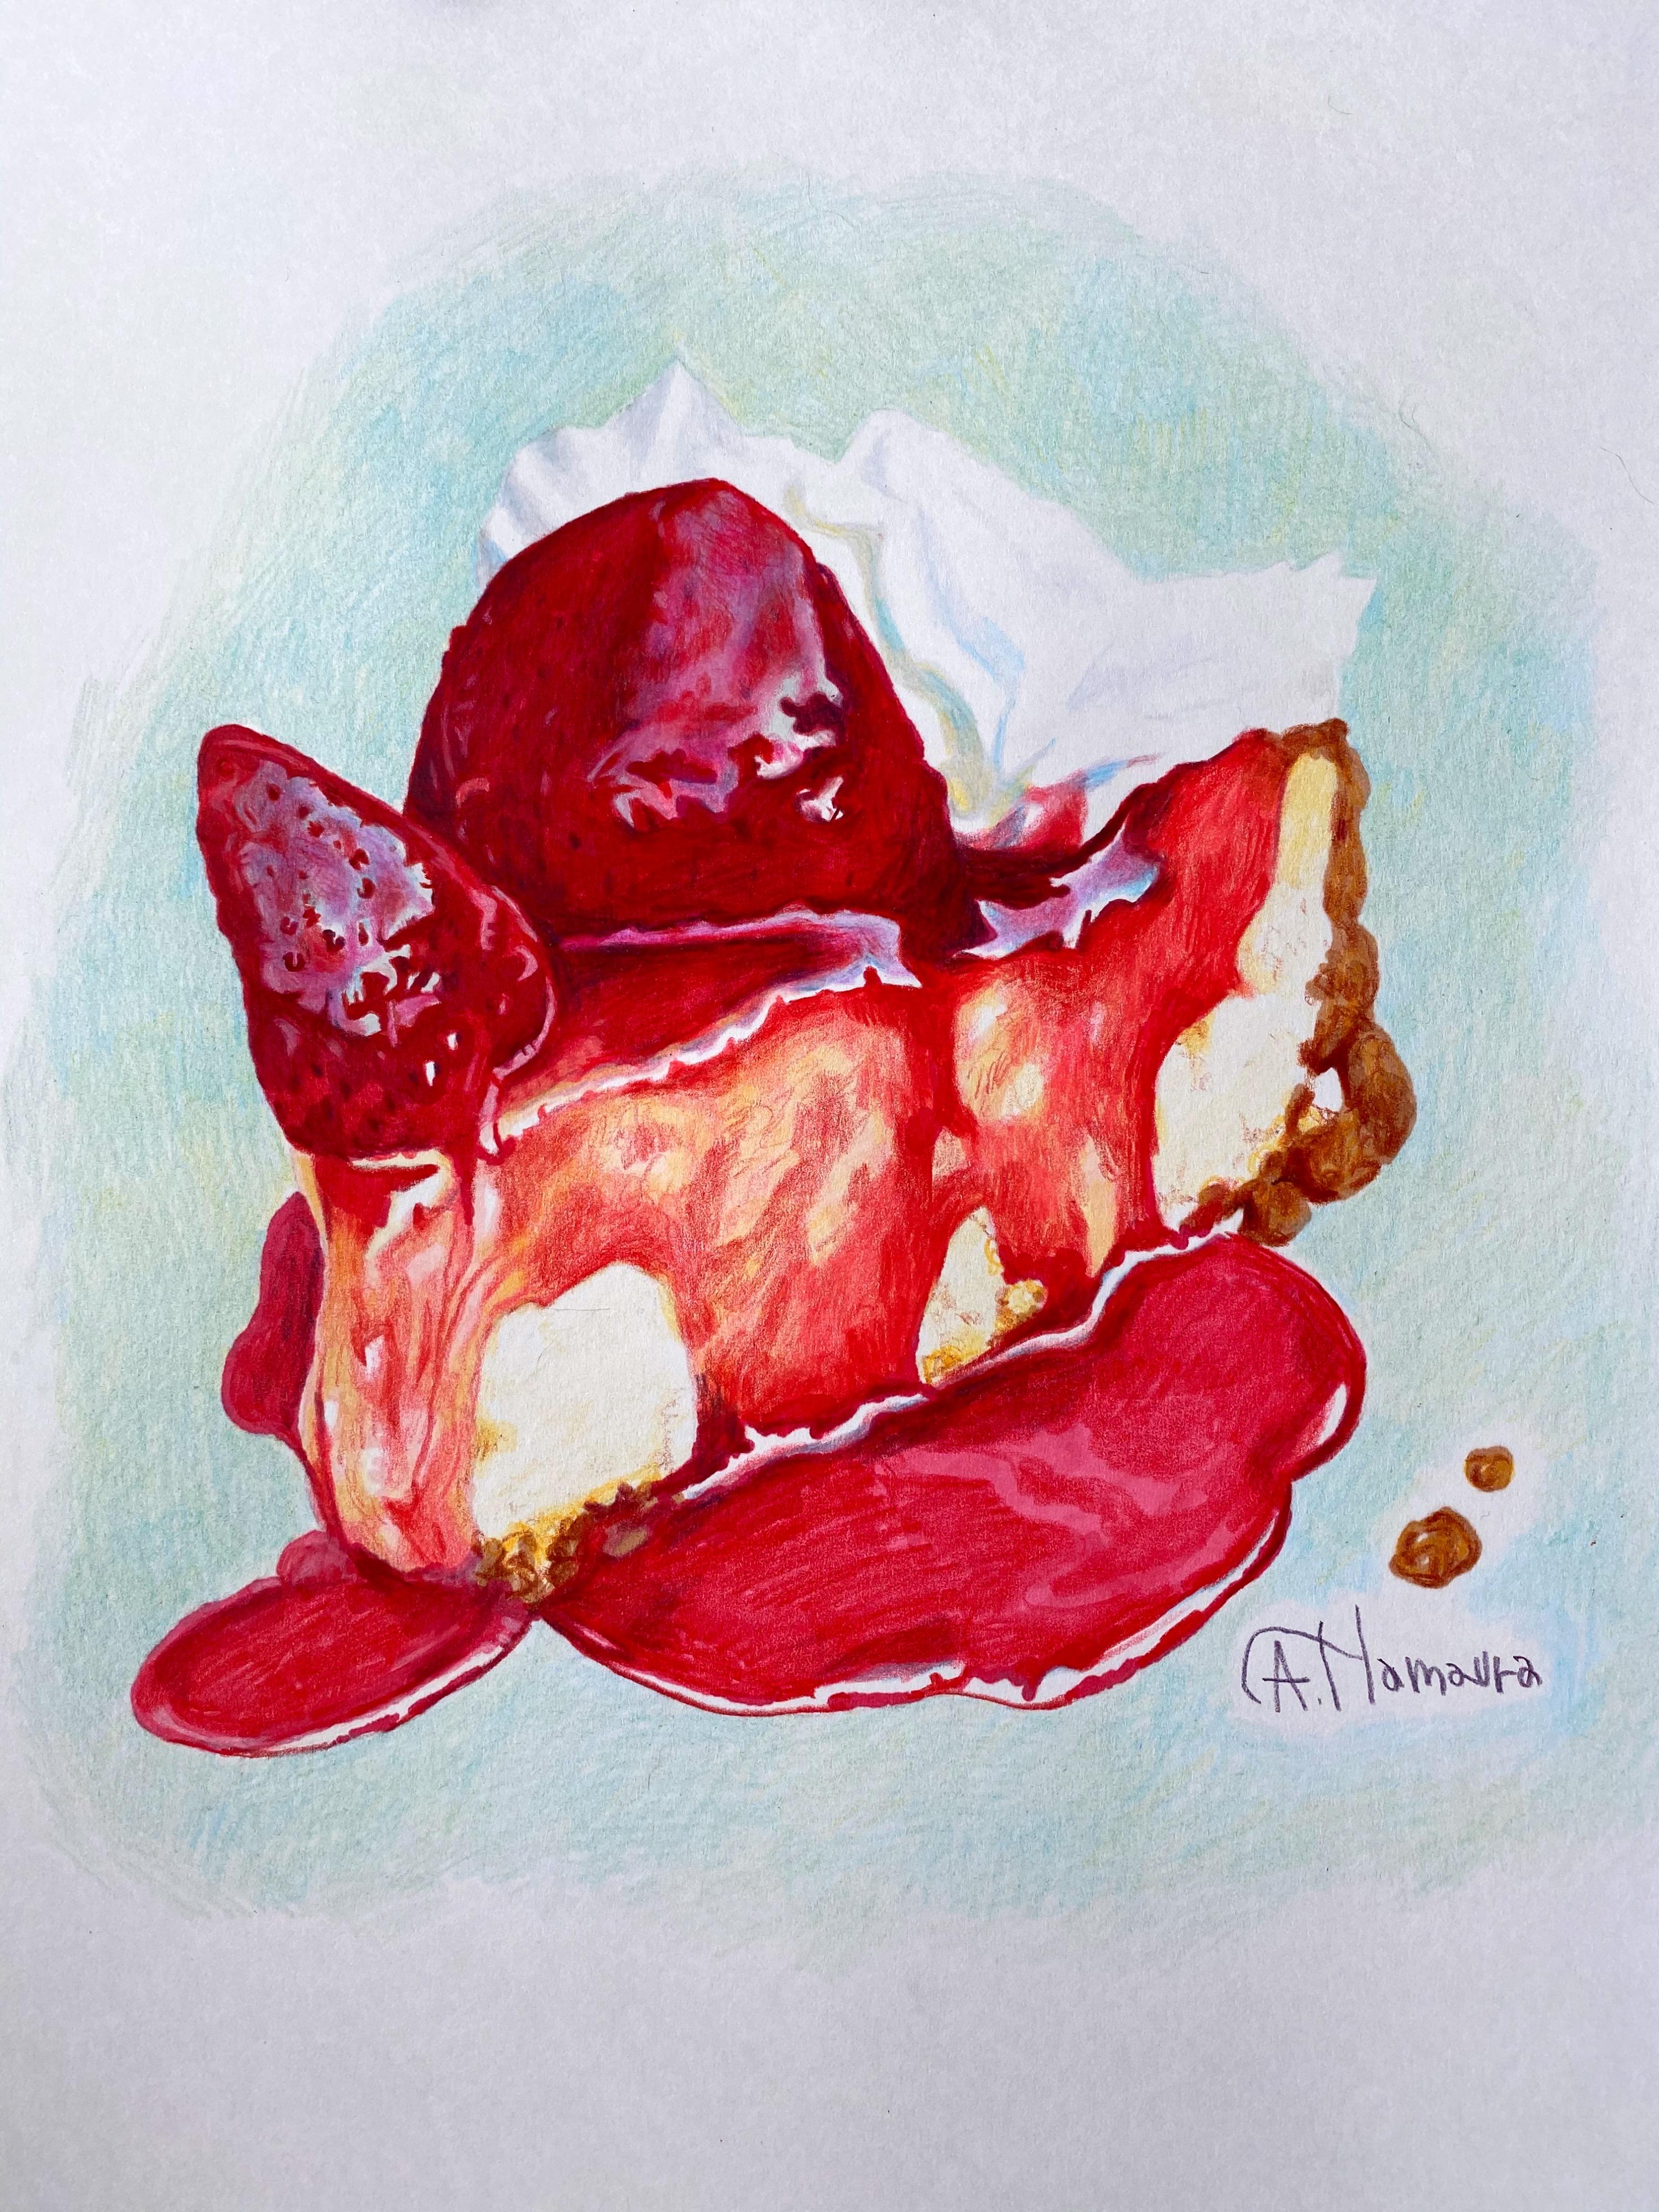 いちごチーズケーキ (sold)